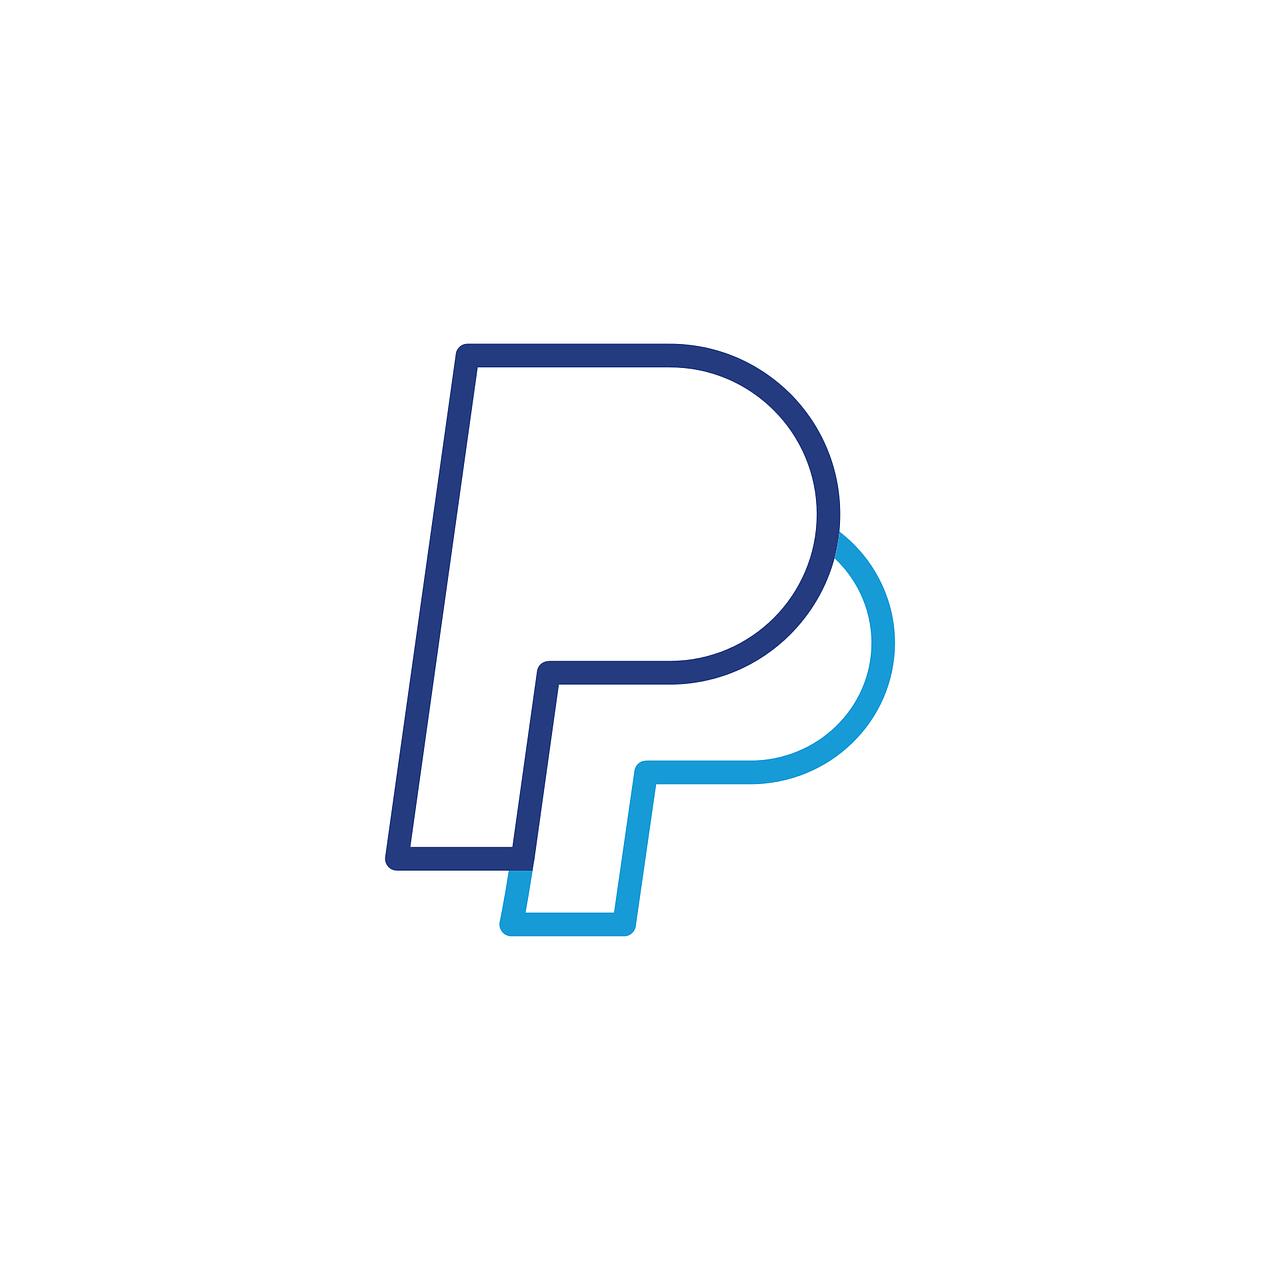 Paypal Biểu Tượng - Miễn Phí vector hình ảnh trên Pixabay